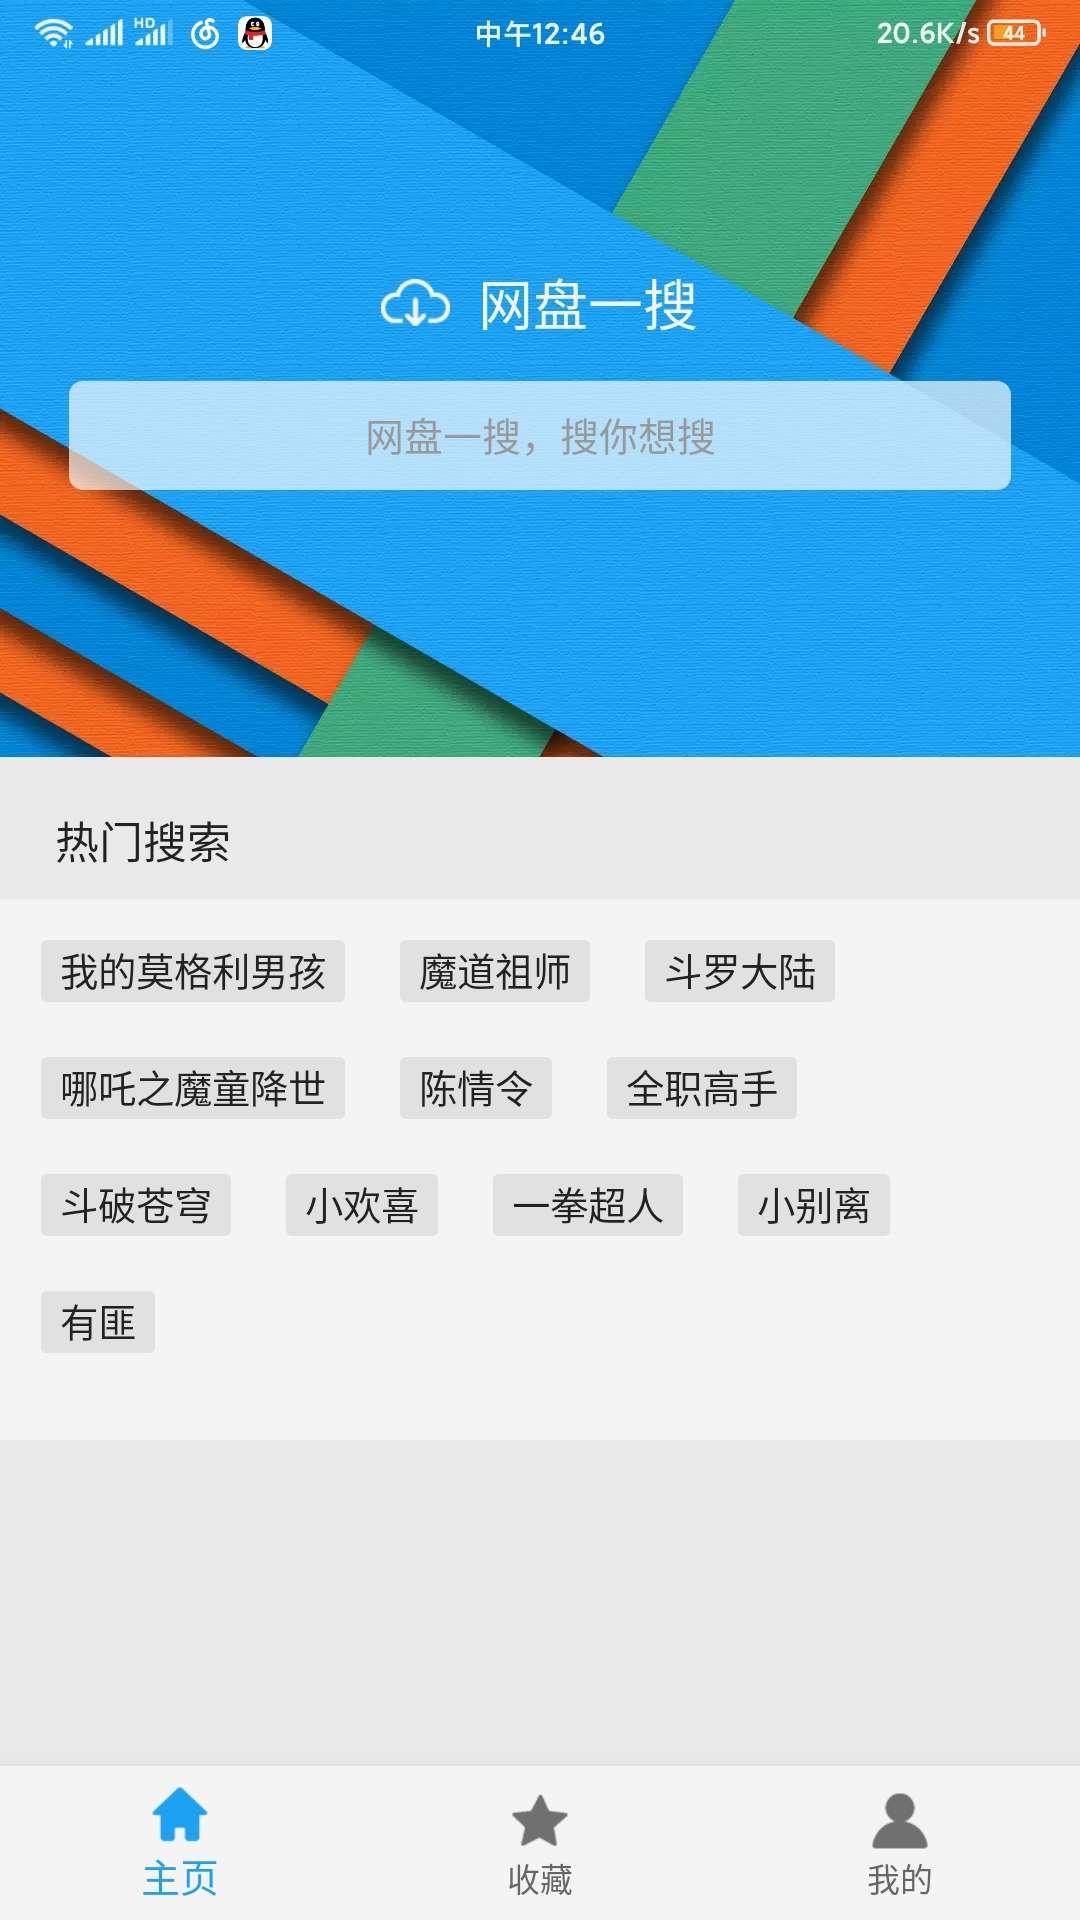 「分享」网盘一搜v999  去更新版 全网资源一网打尽